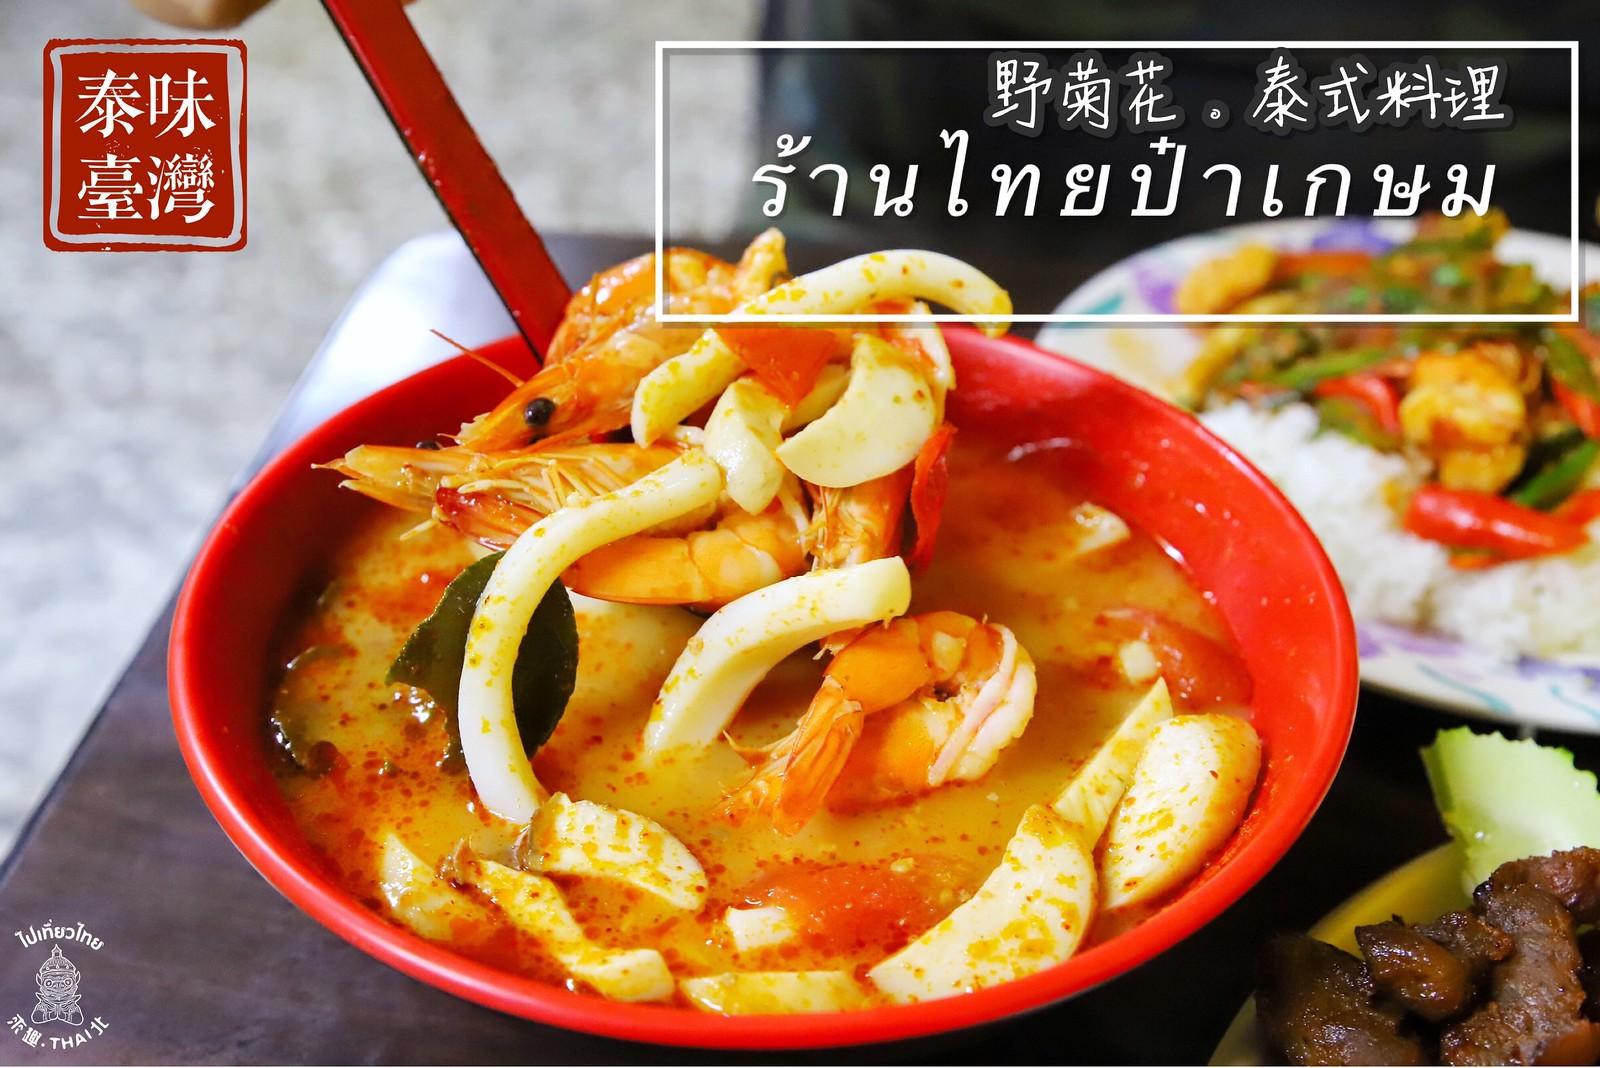 新莊工業區內的泰國家鄉味《野菊花泰式料理ร้านไทยป๋าเกษม》